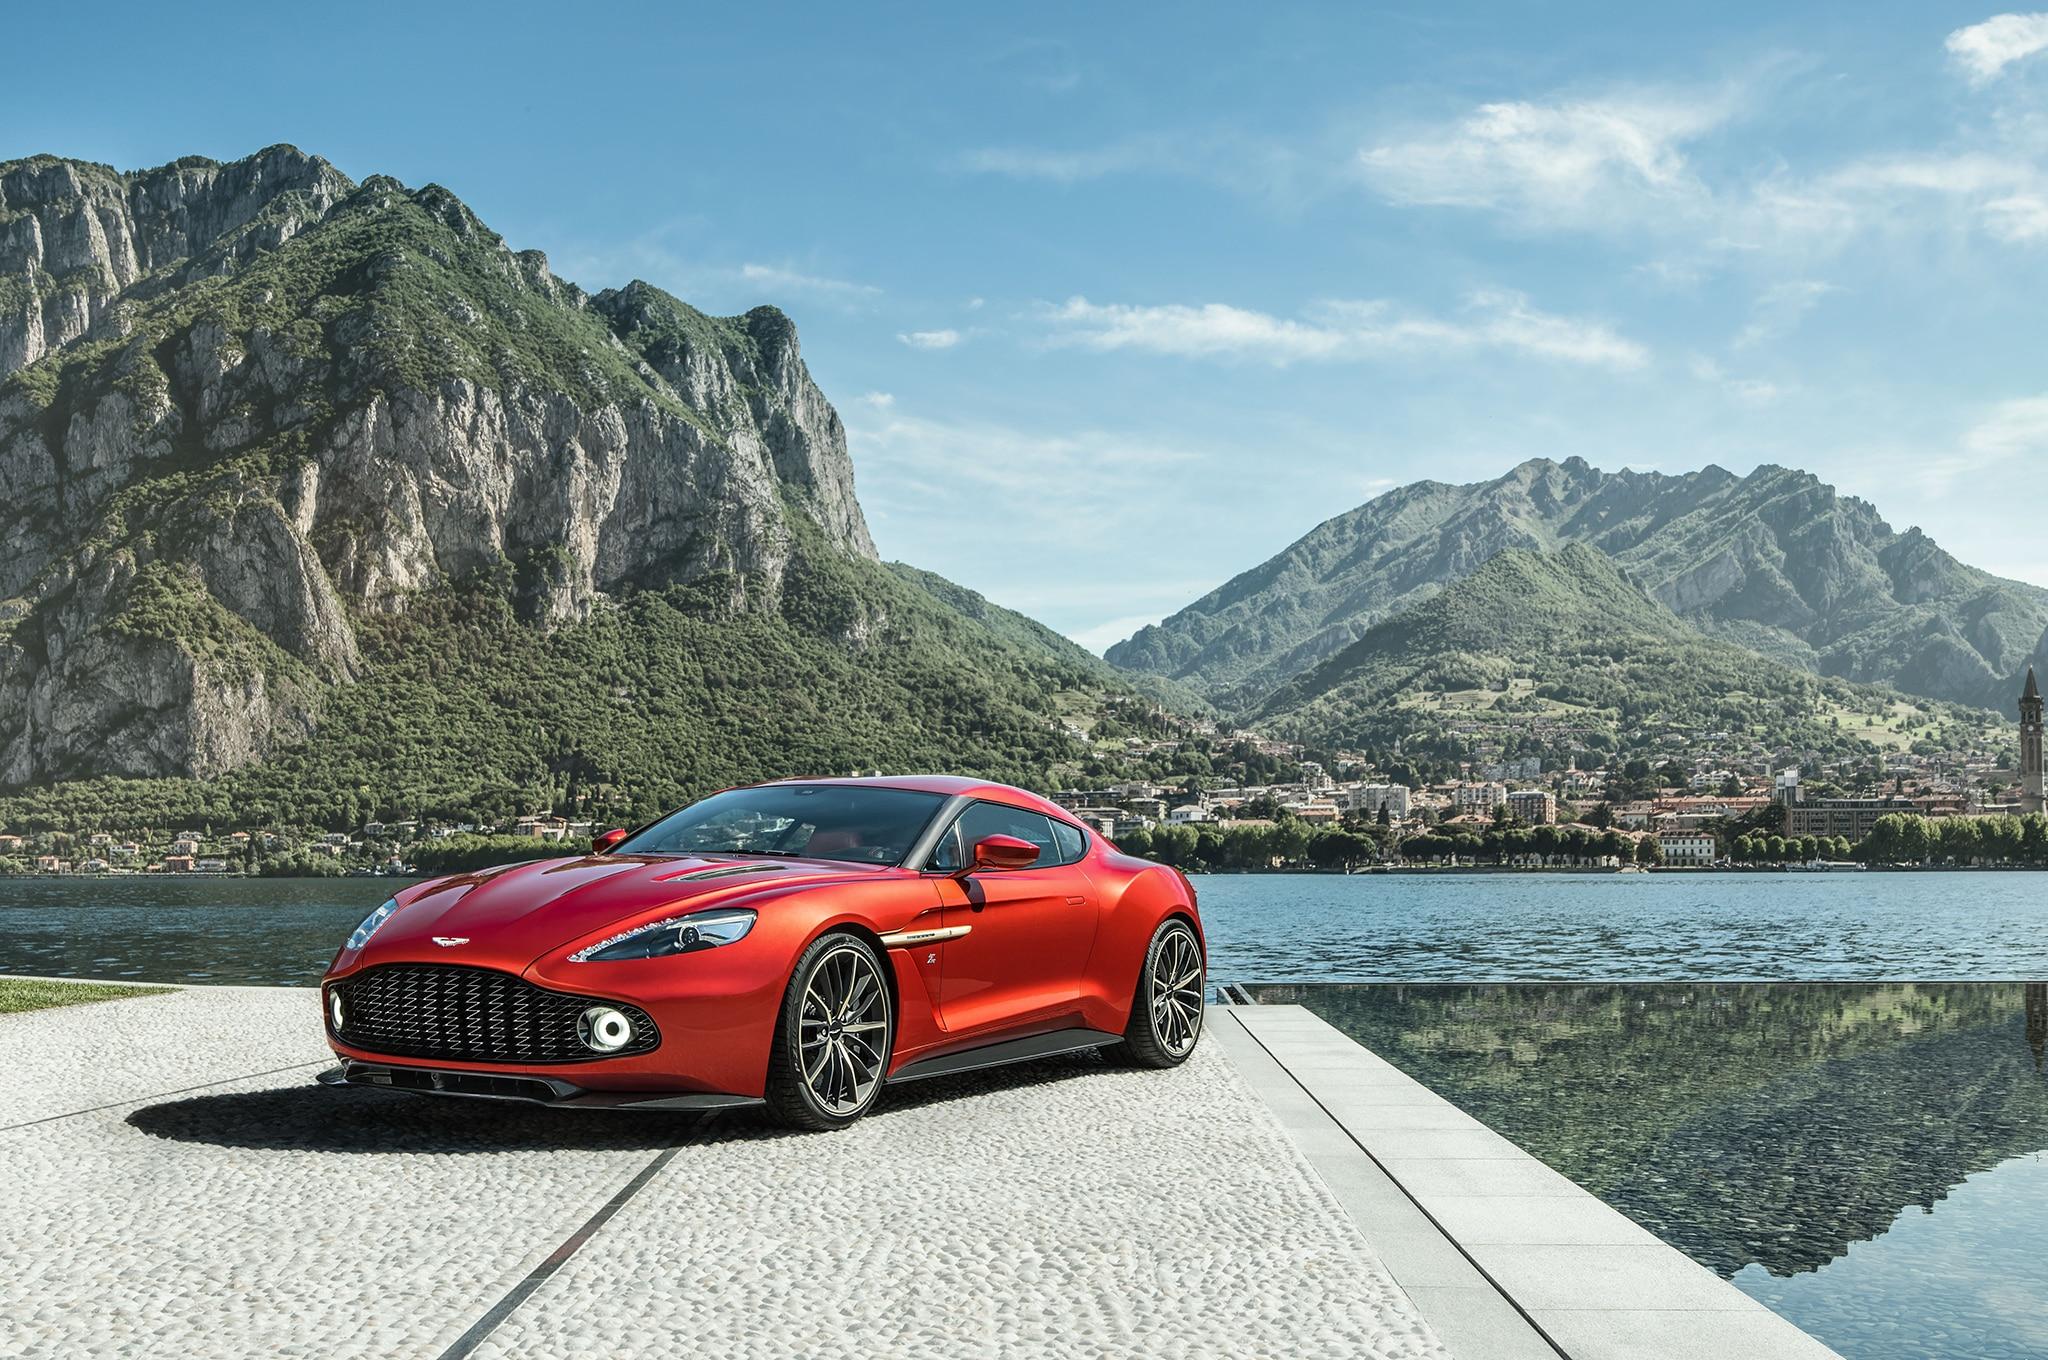 Aston Martin Vanquish Zagato Front Three Quarter 02